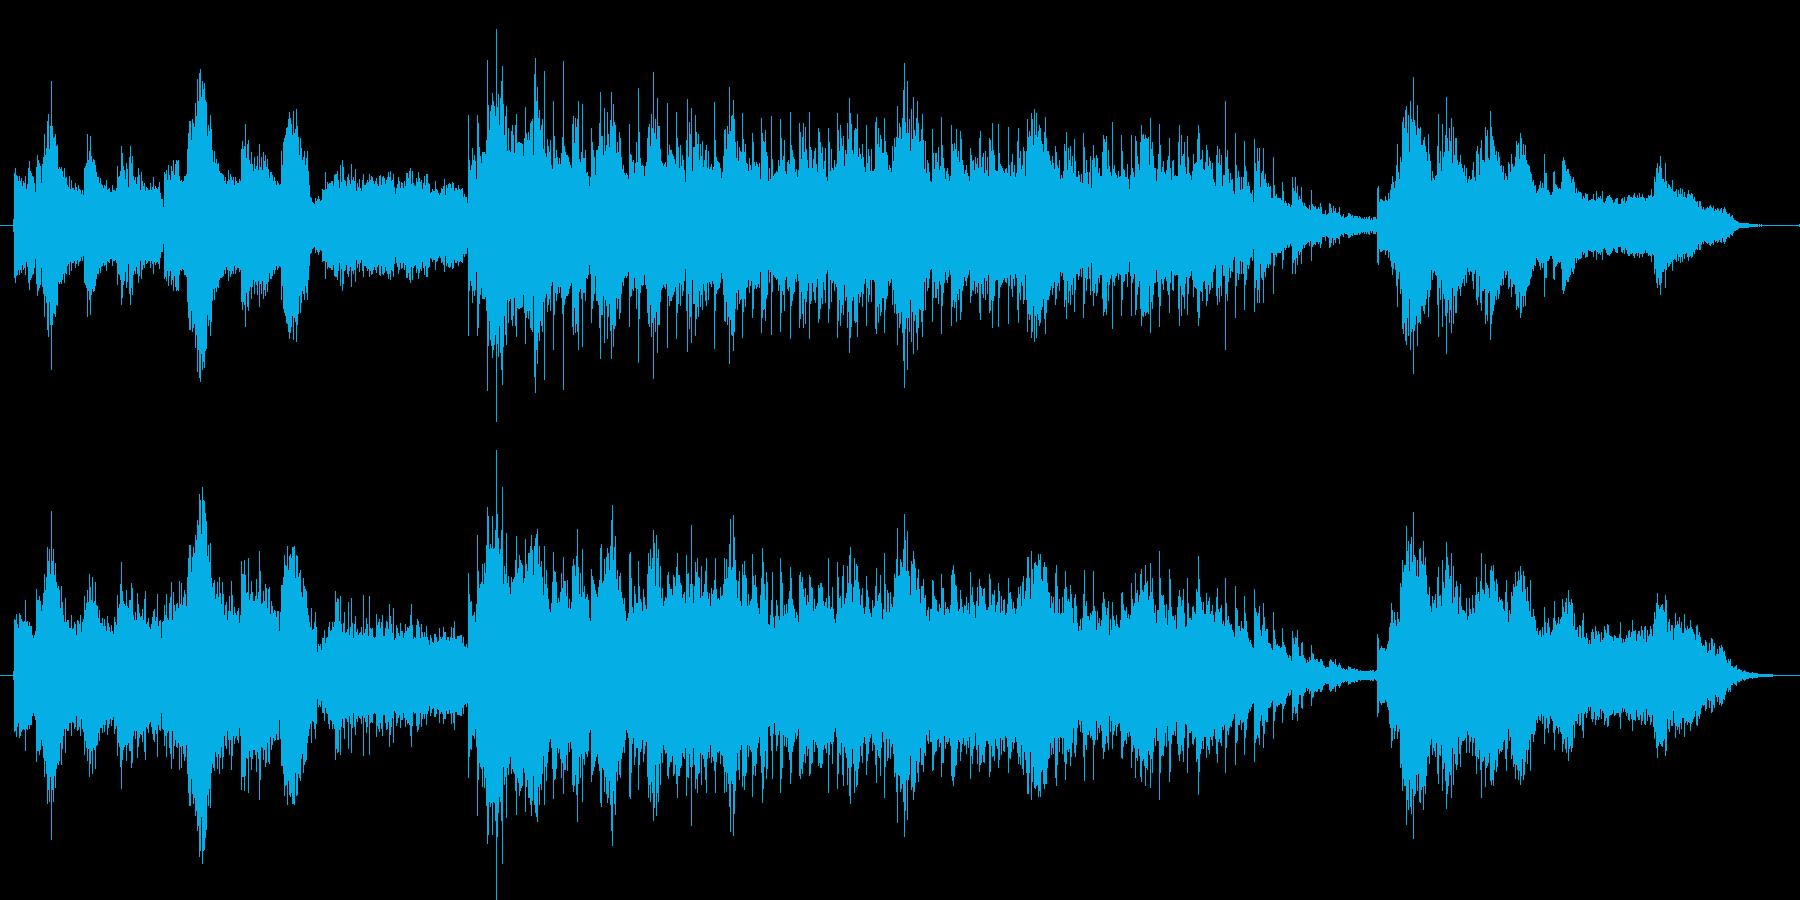 効果音をたくさん盛り込んだ雅楽風ホラーの再生済みの波形